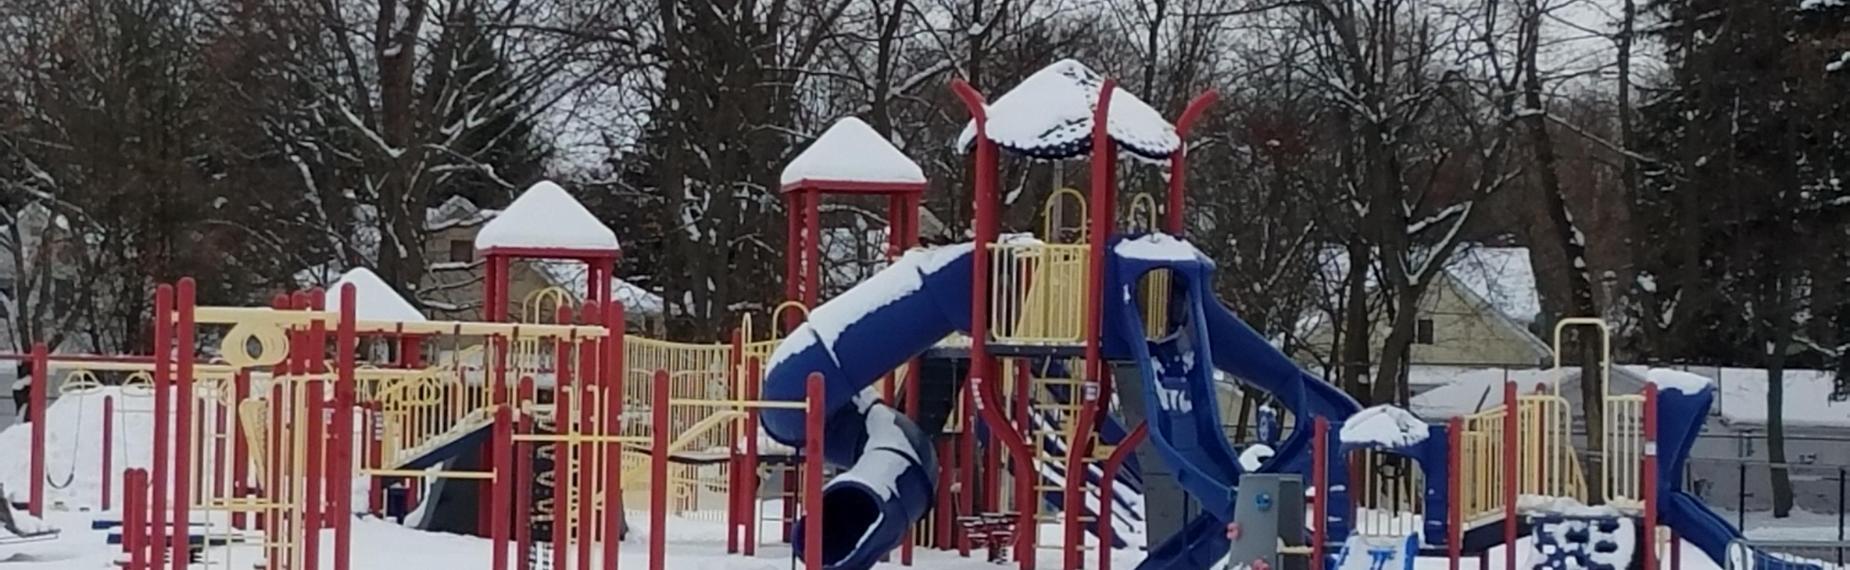 WSS Playground